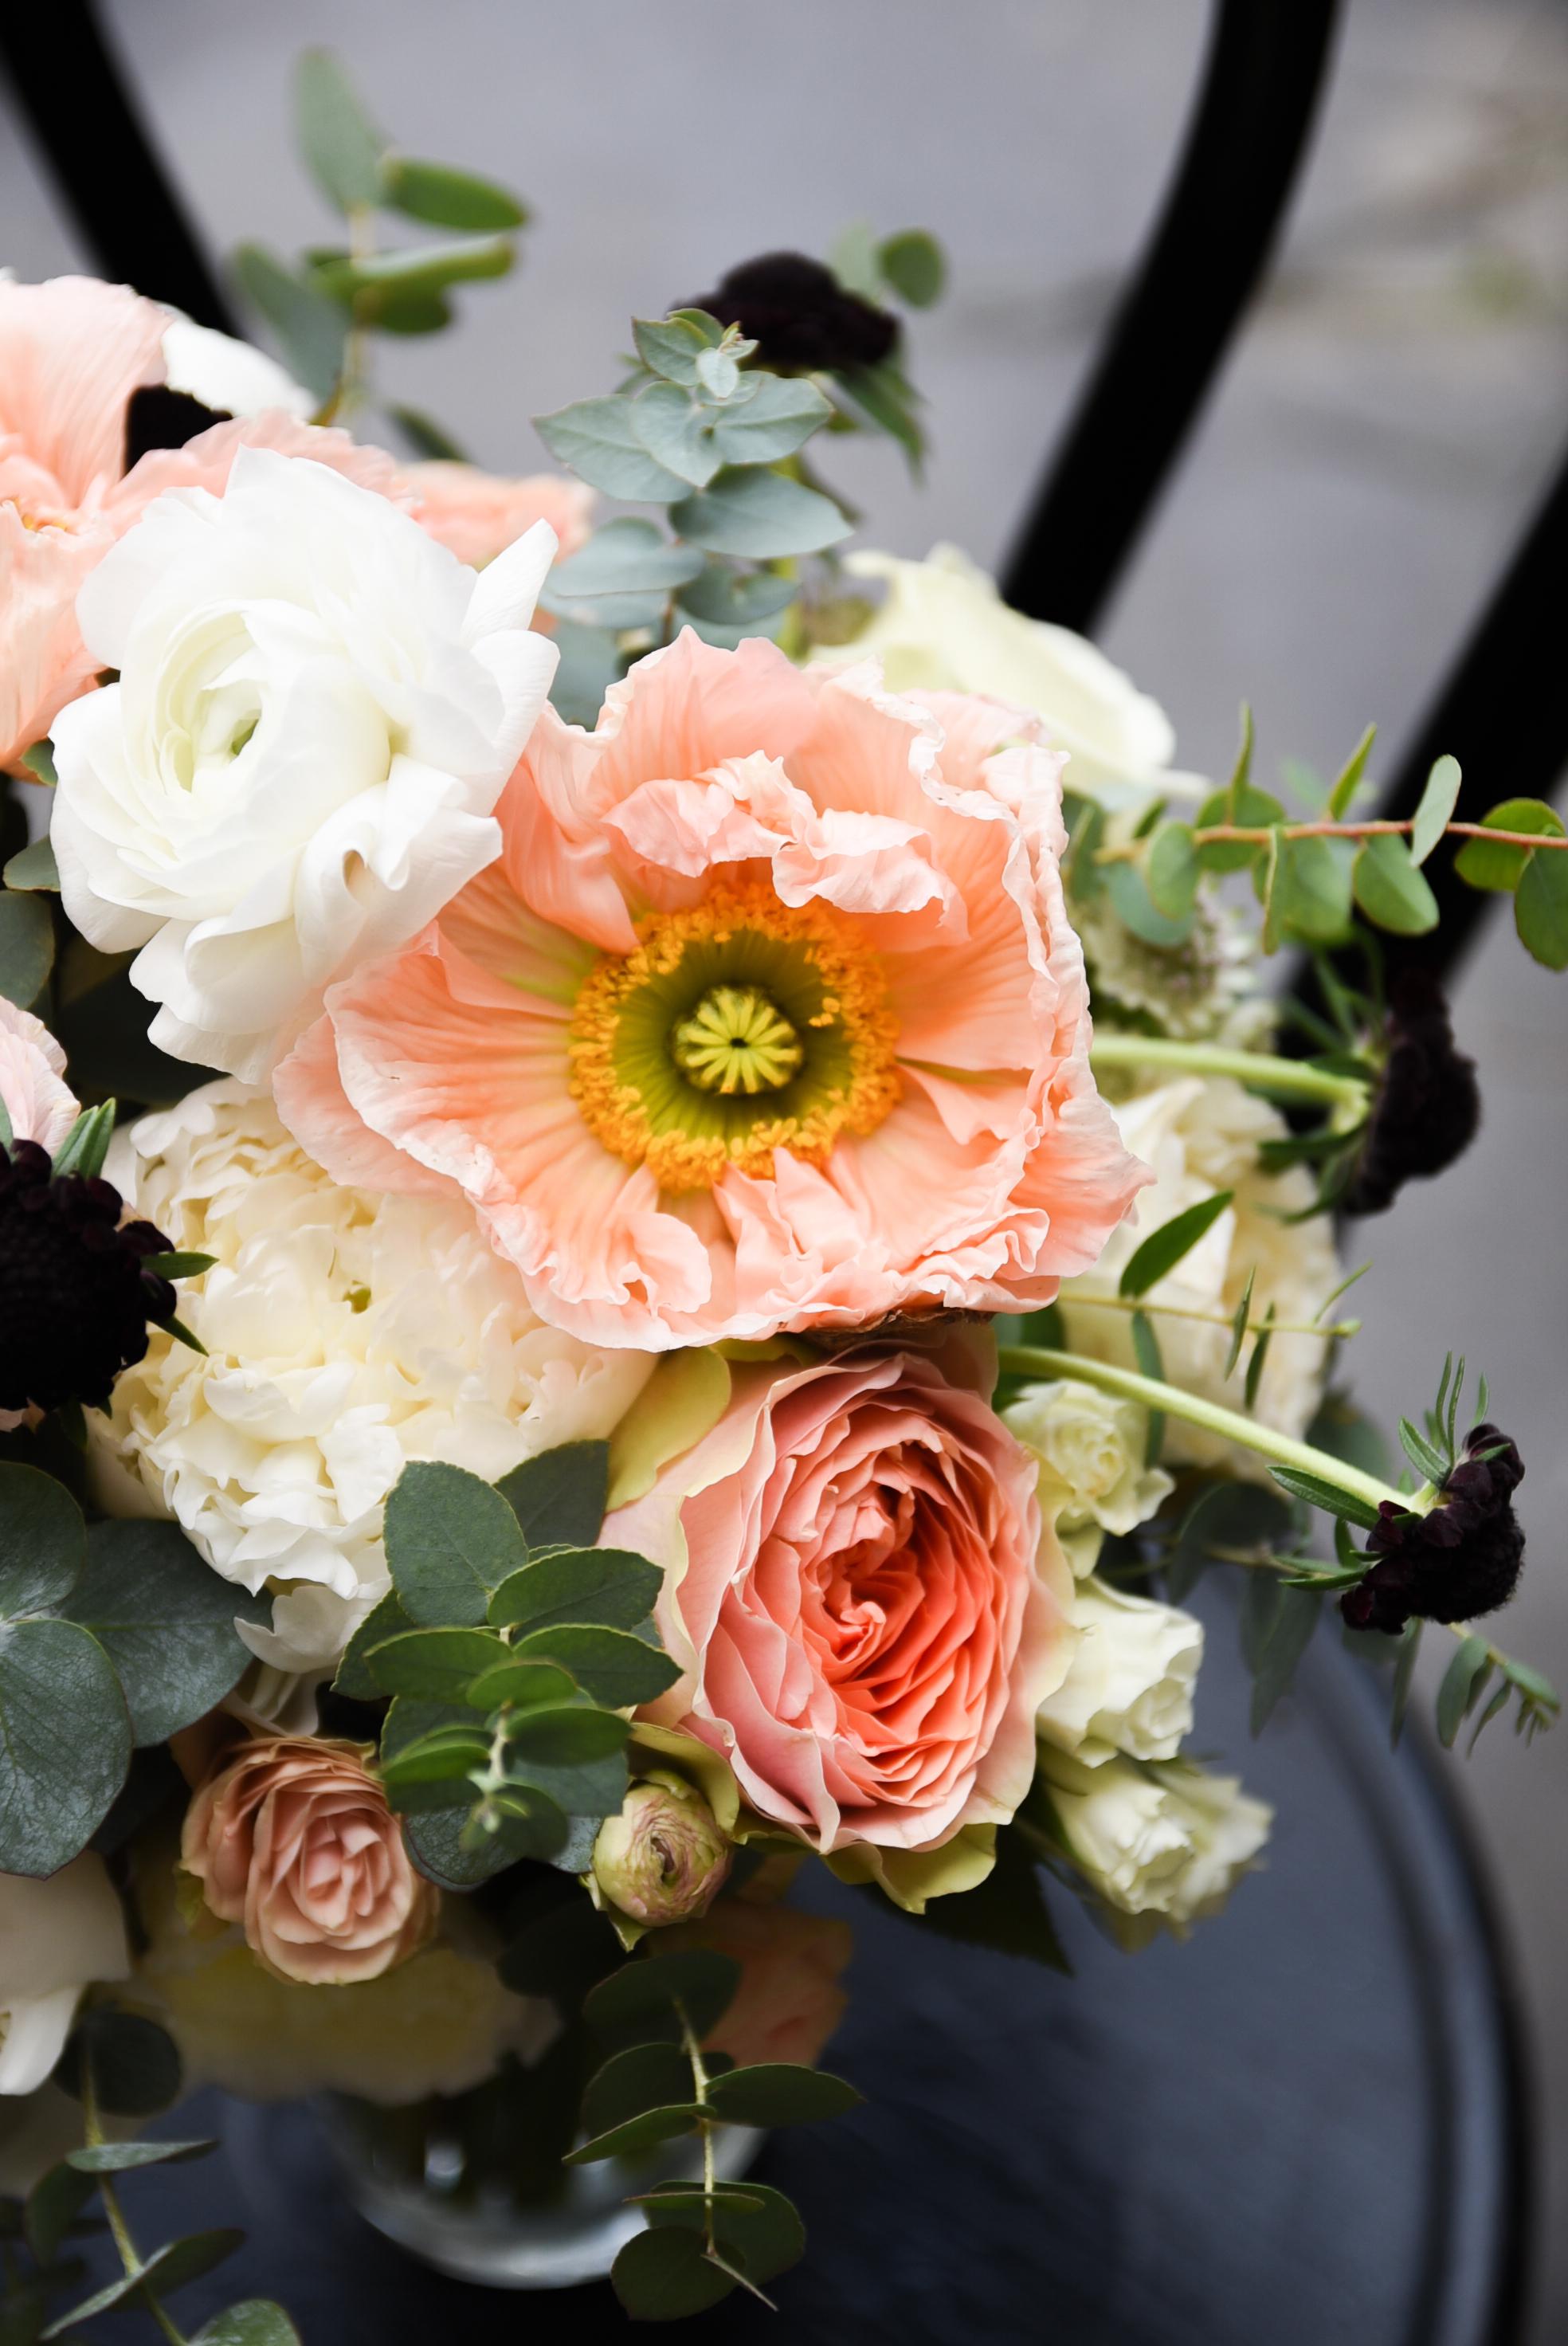 A unique bridal bouquet